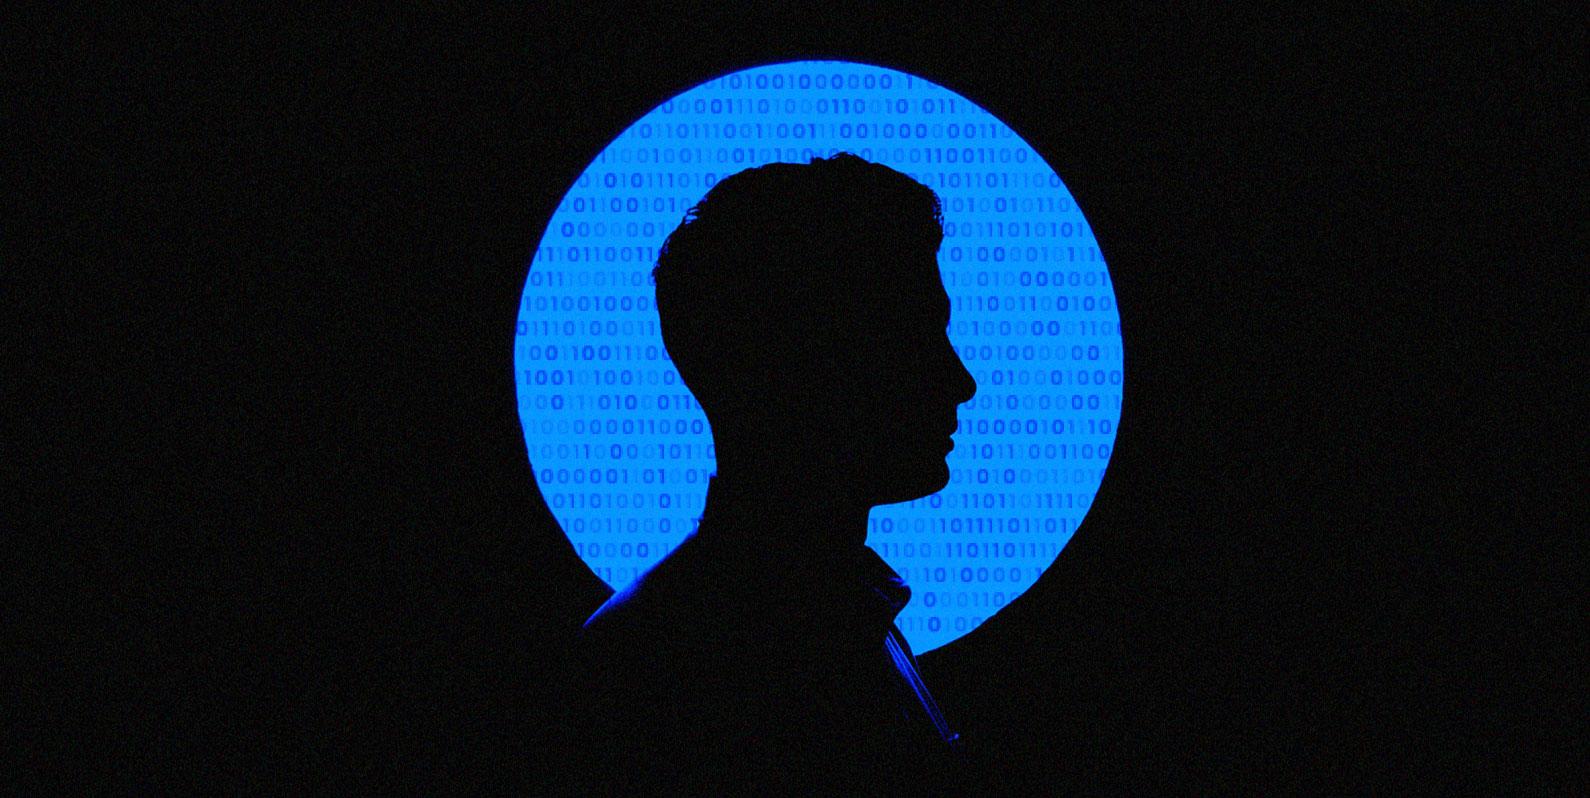 Cibersegurança em 2021 e a Evolução da Identidade Digital